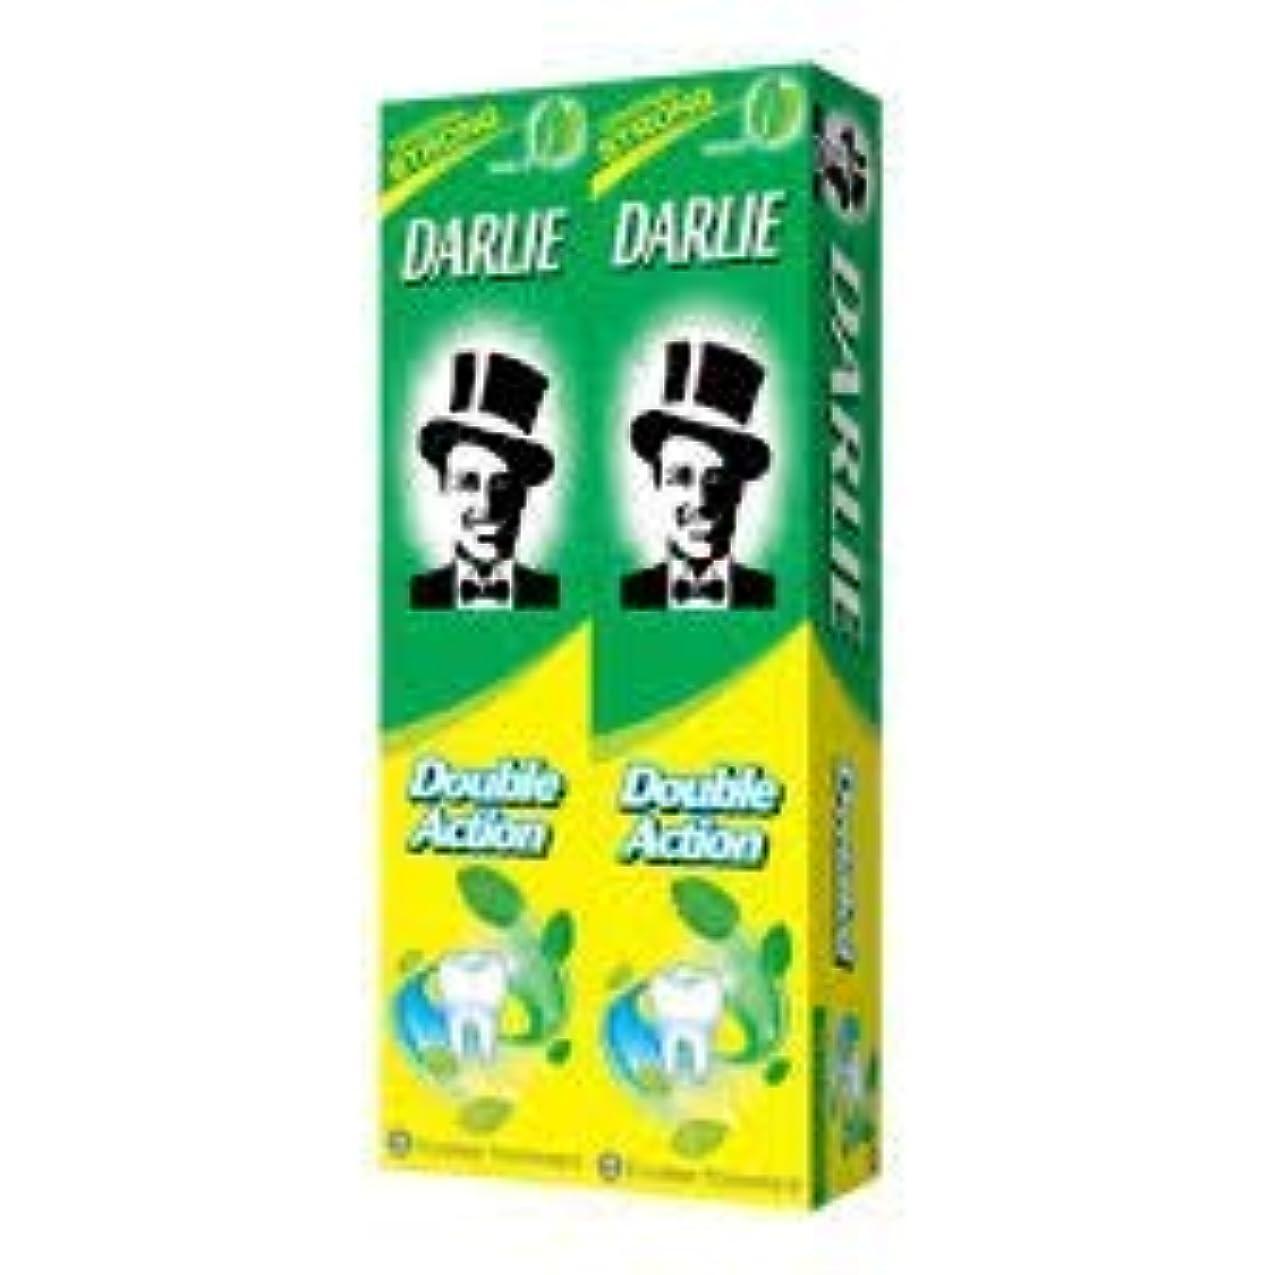 リングバック受益者分割DARLIE 歯磨き粉2×225gの複動GWPは、より永続的な新鮮な息12時間-gives - 口腔細菌を減少させるのに有効